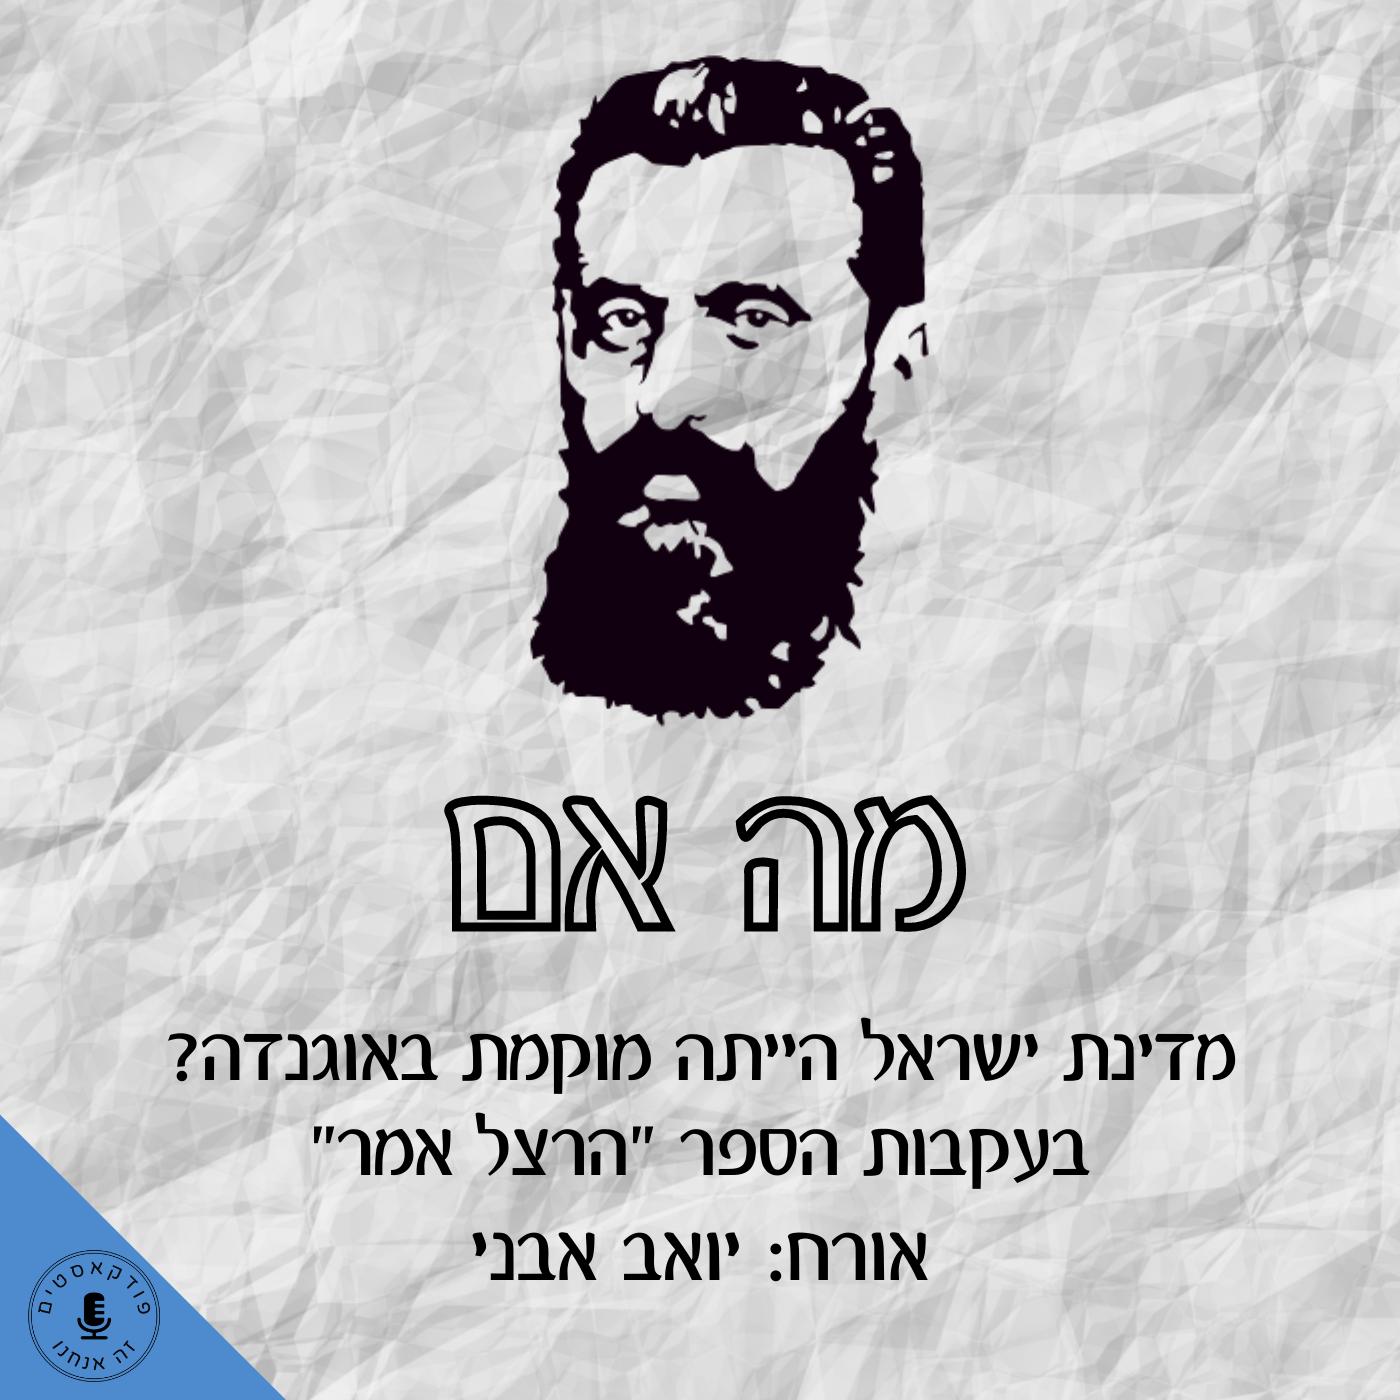 """פרק 010 - מדינת ישראל הייתה מוקמת באוגנדה? בעקבות הספר """"הרצל אמר"""""""